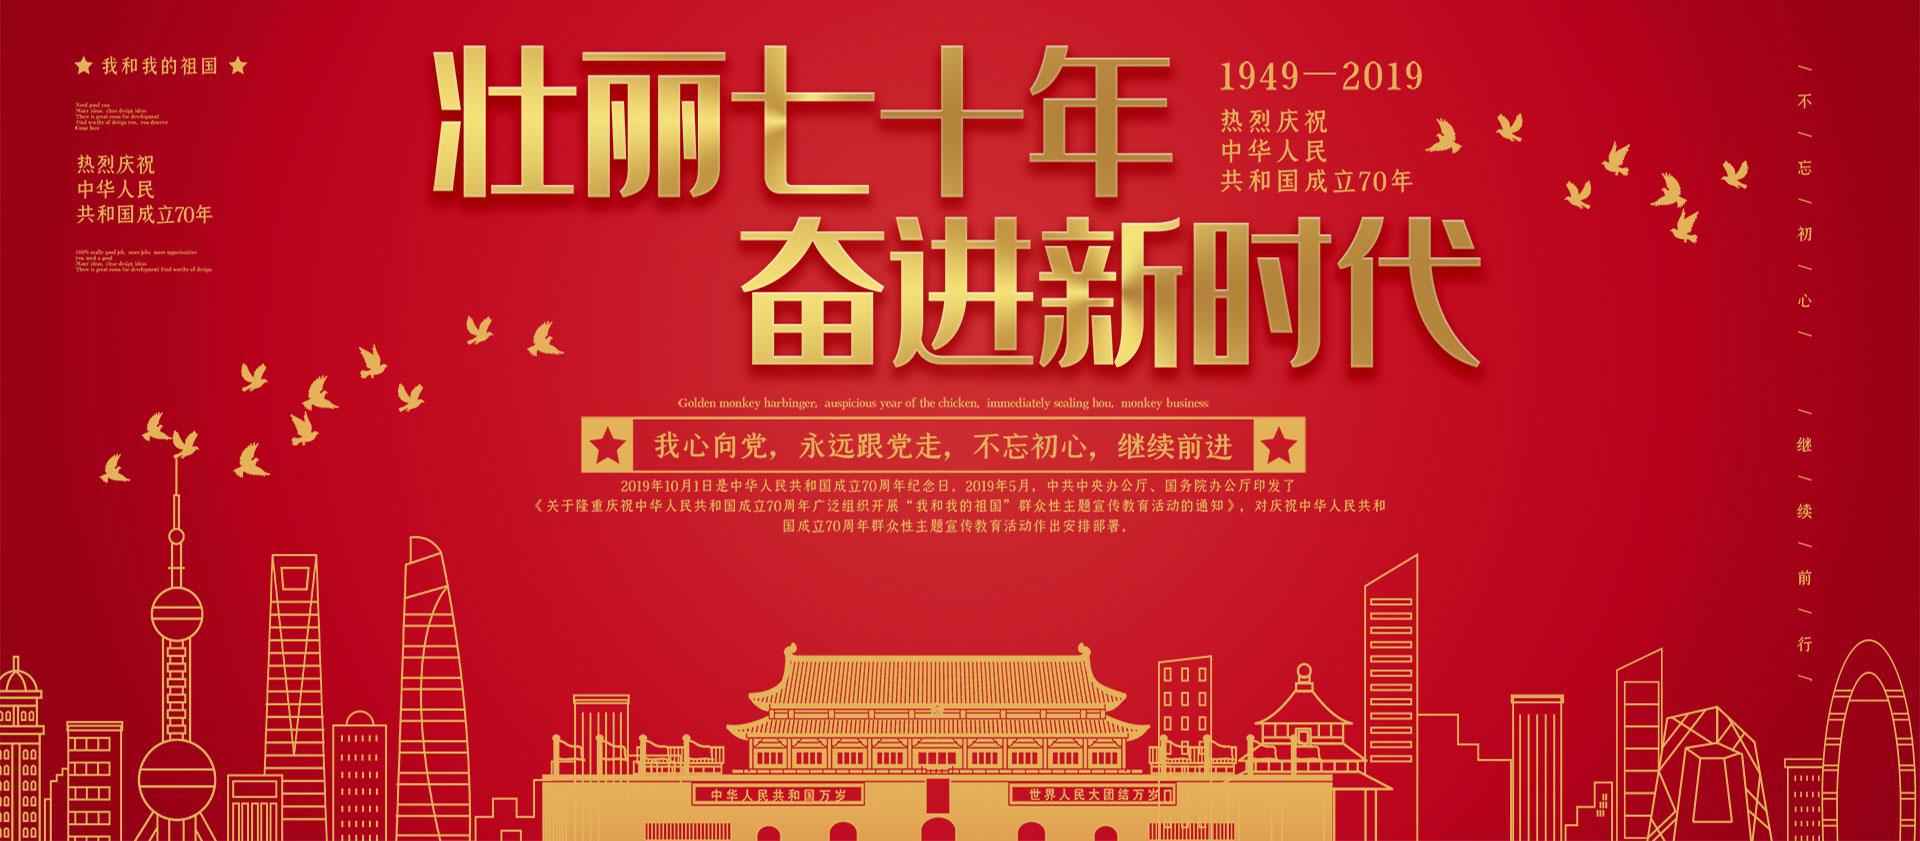 柳州市现代物流管理有限公司祝祖国母亲70岁生日快乐